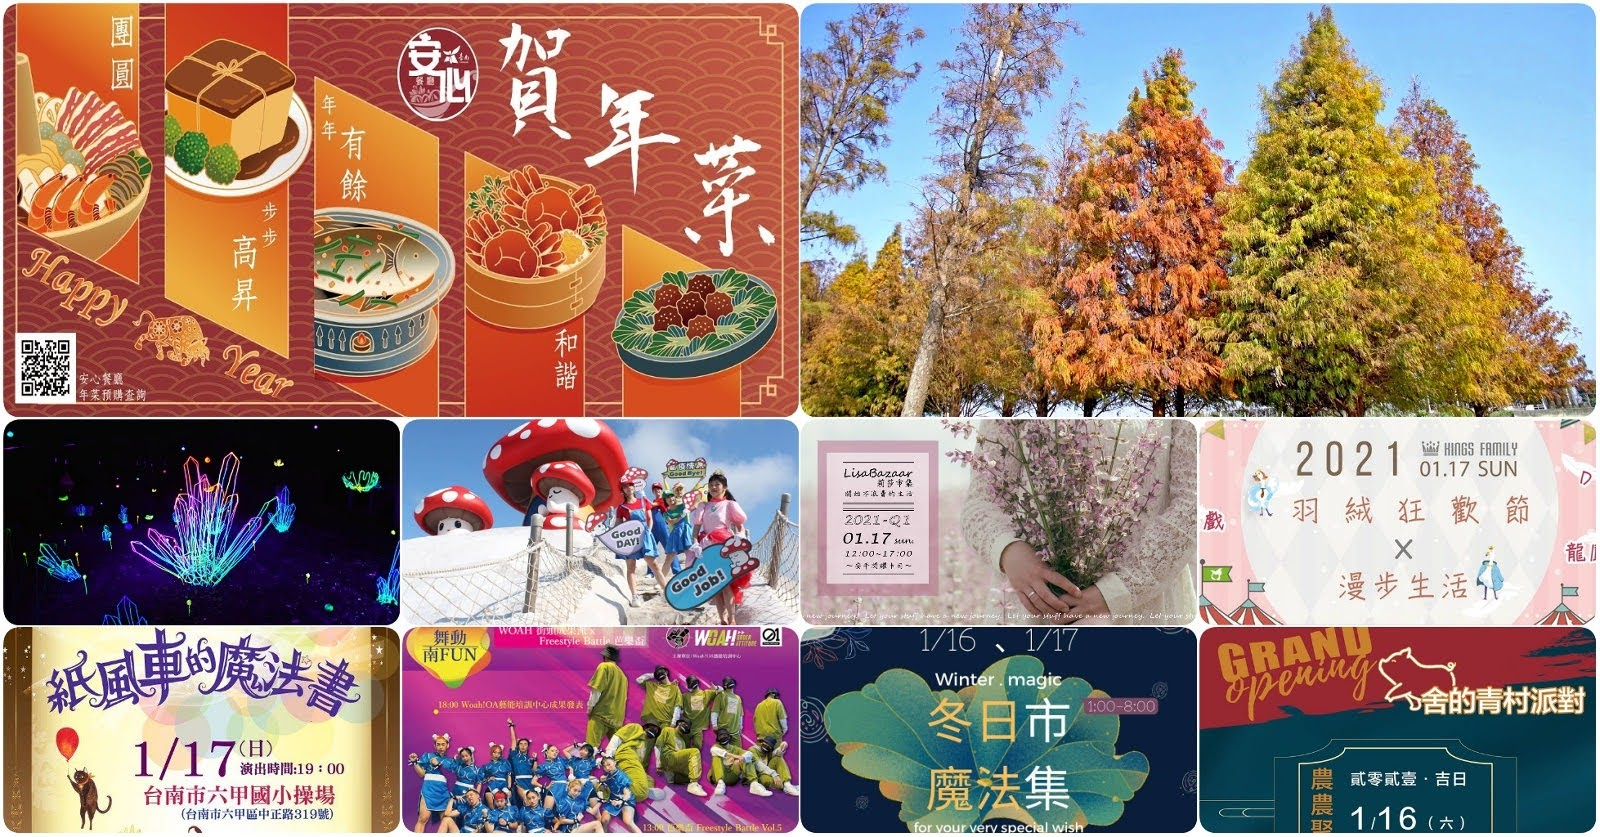 [活動] 2021/1/15-/1/17|台南週末活動整理|本週末資訊數:80